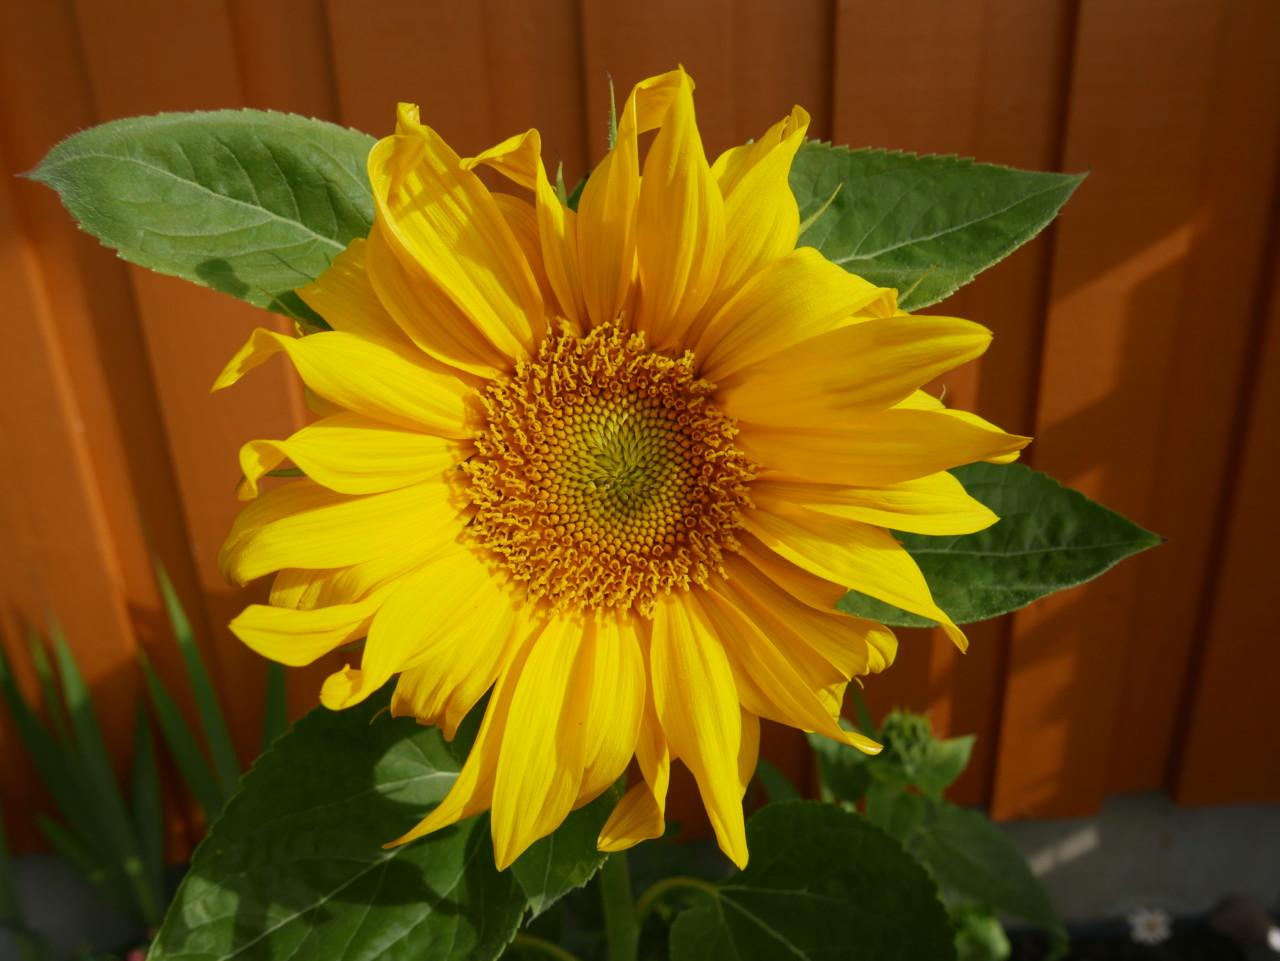 solsikke-sunflower-gul-hope-verdens-verste-dag